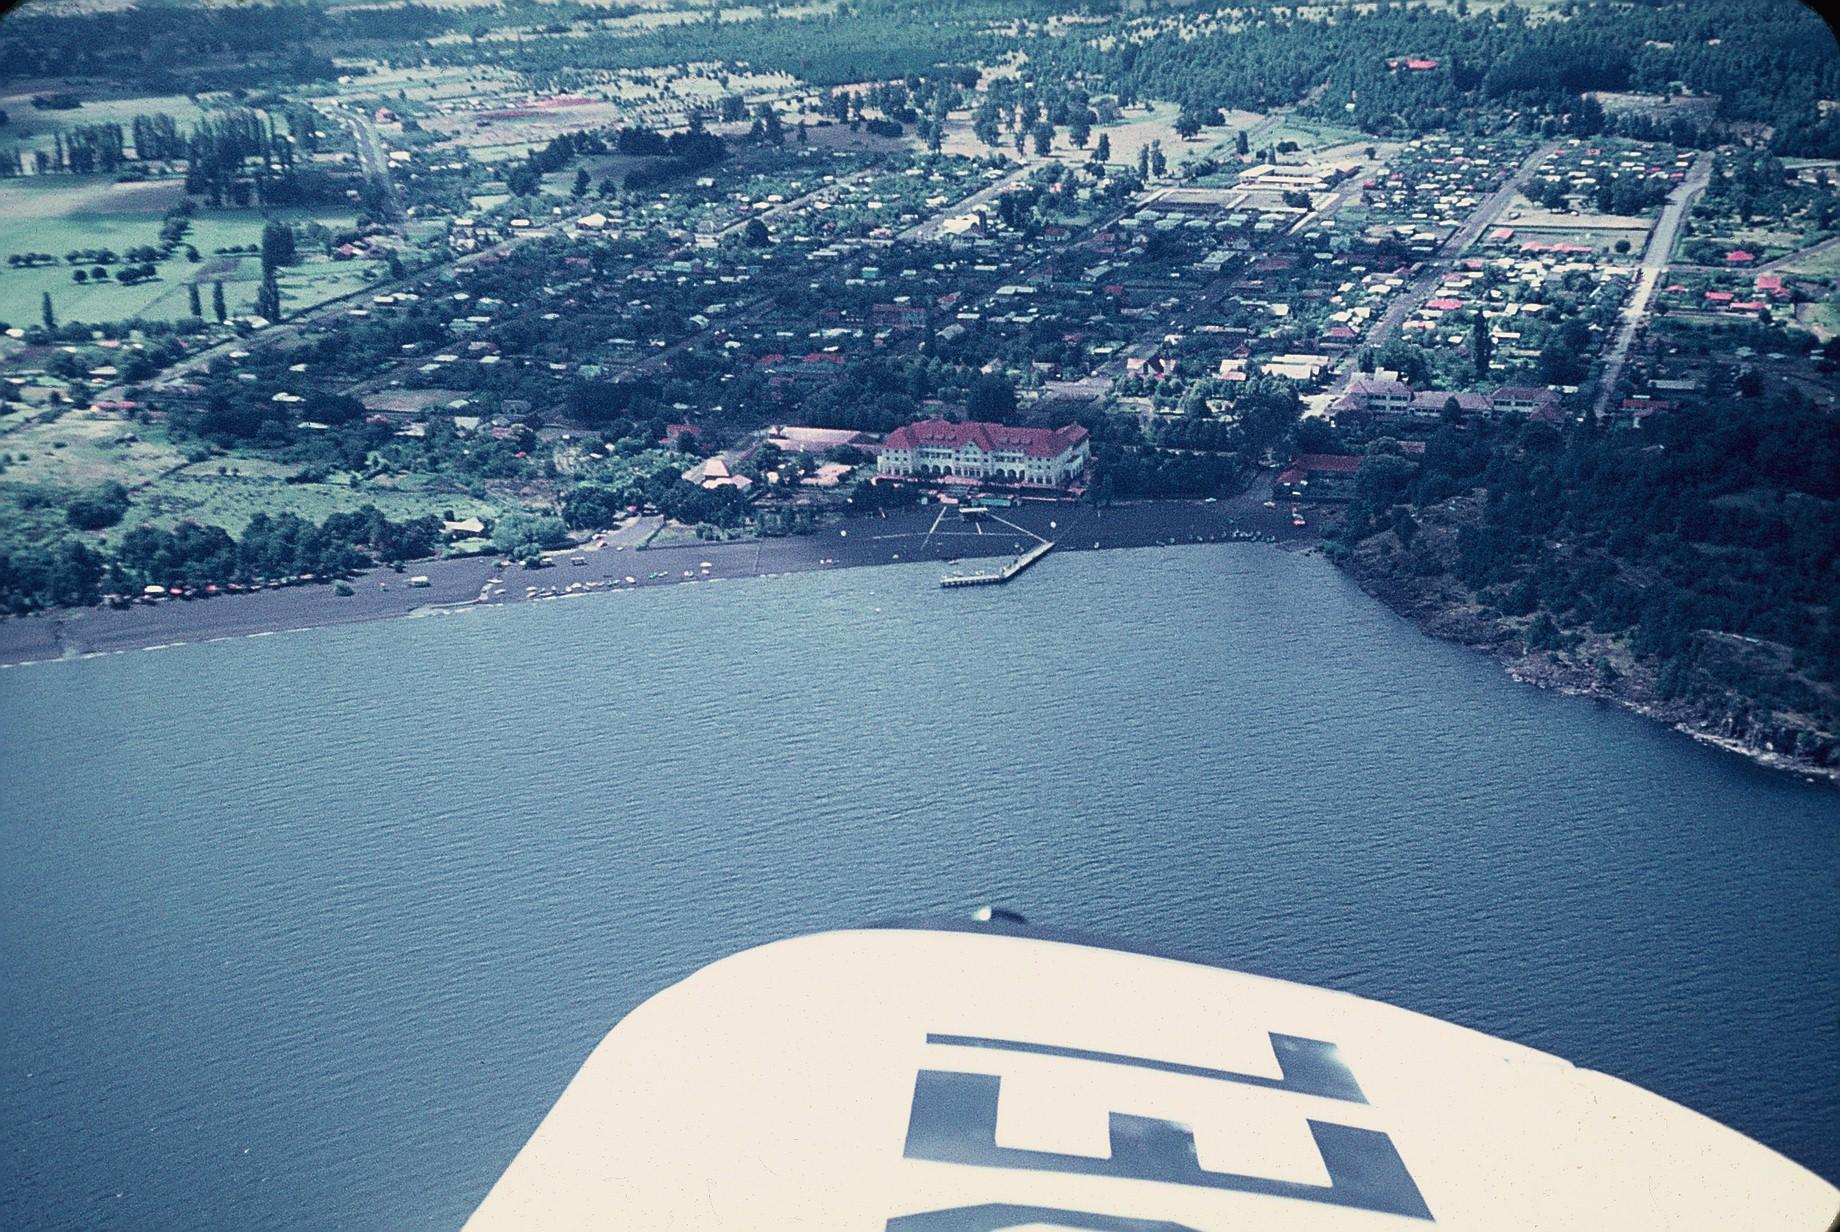 Enterreno - Fotos históricas de chile - fotos antiguas de Chile - Pucon desde el aire 1970